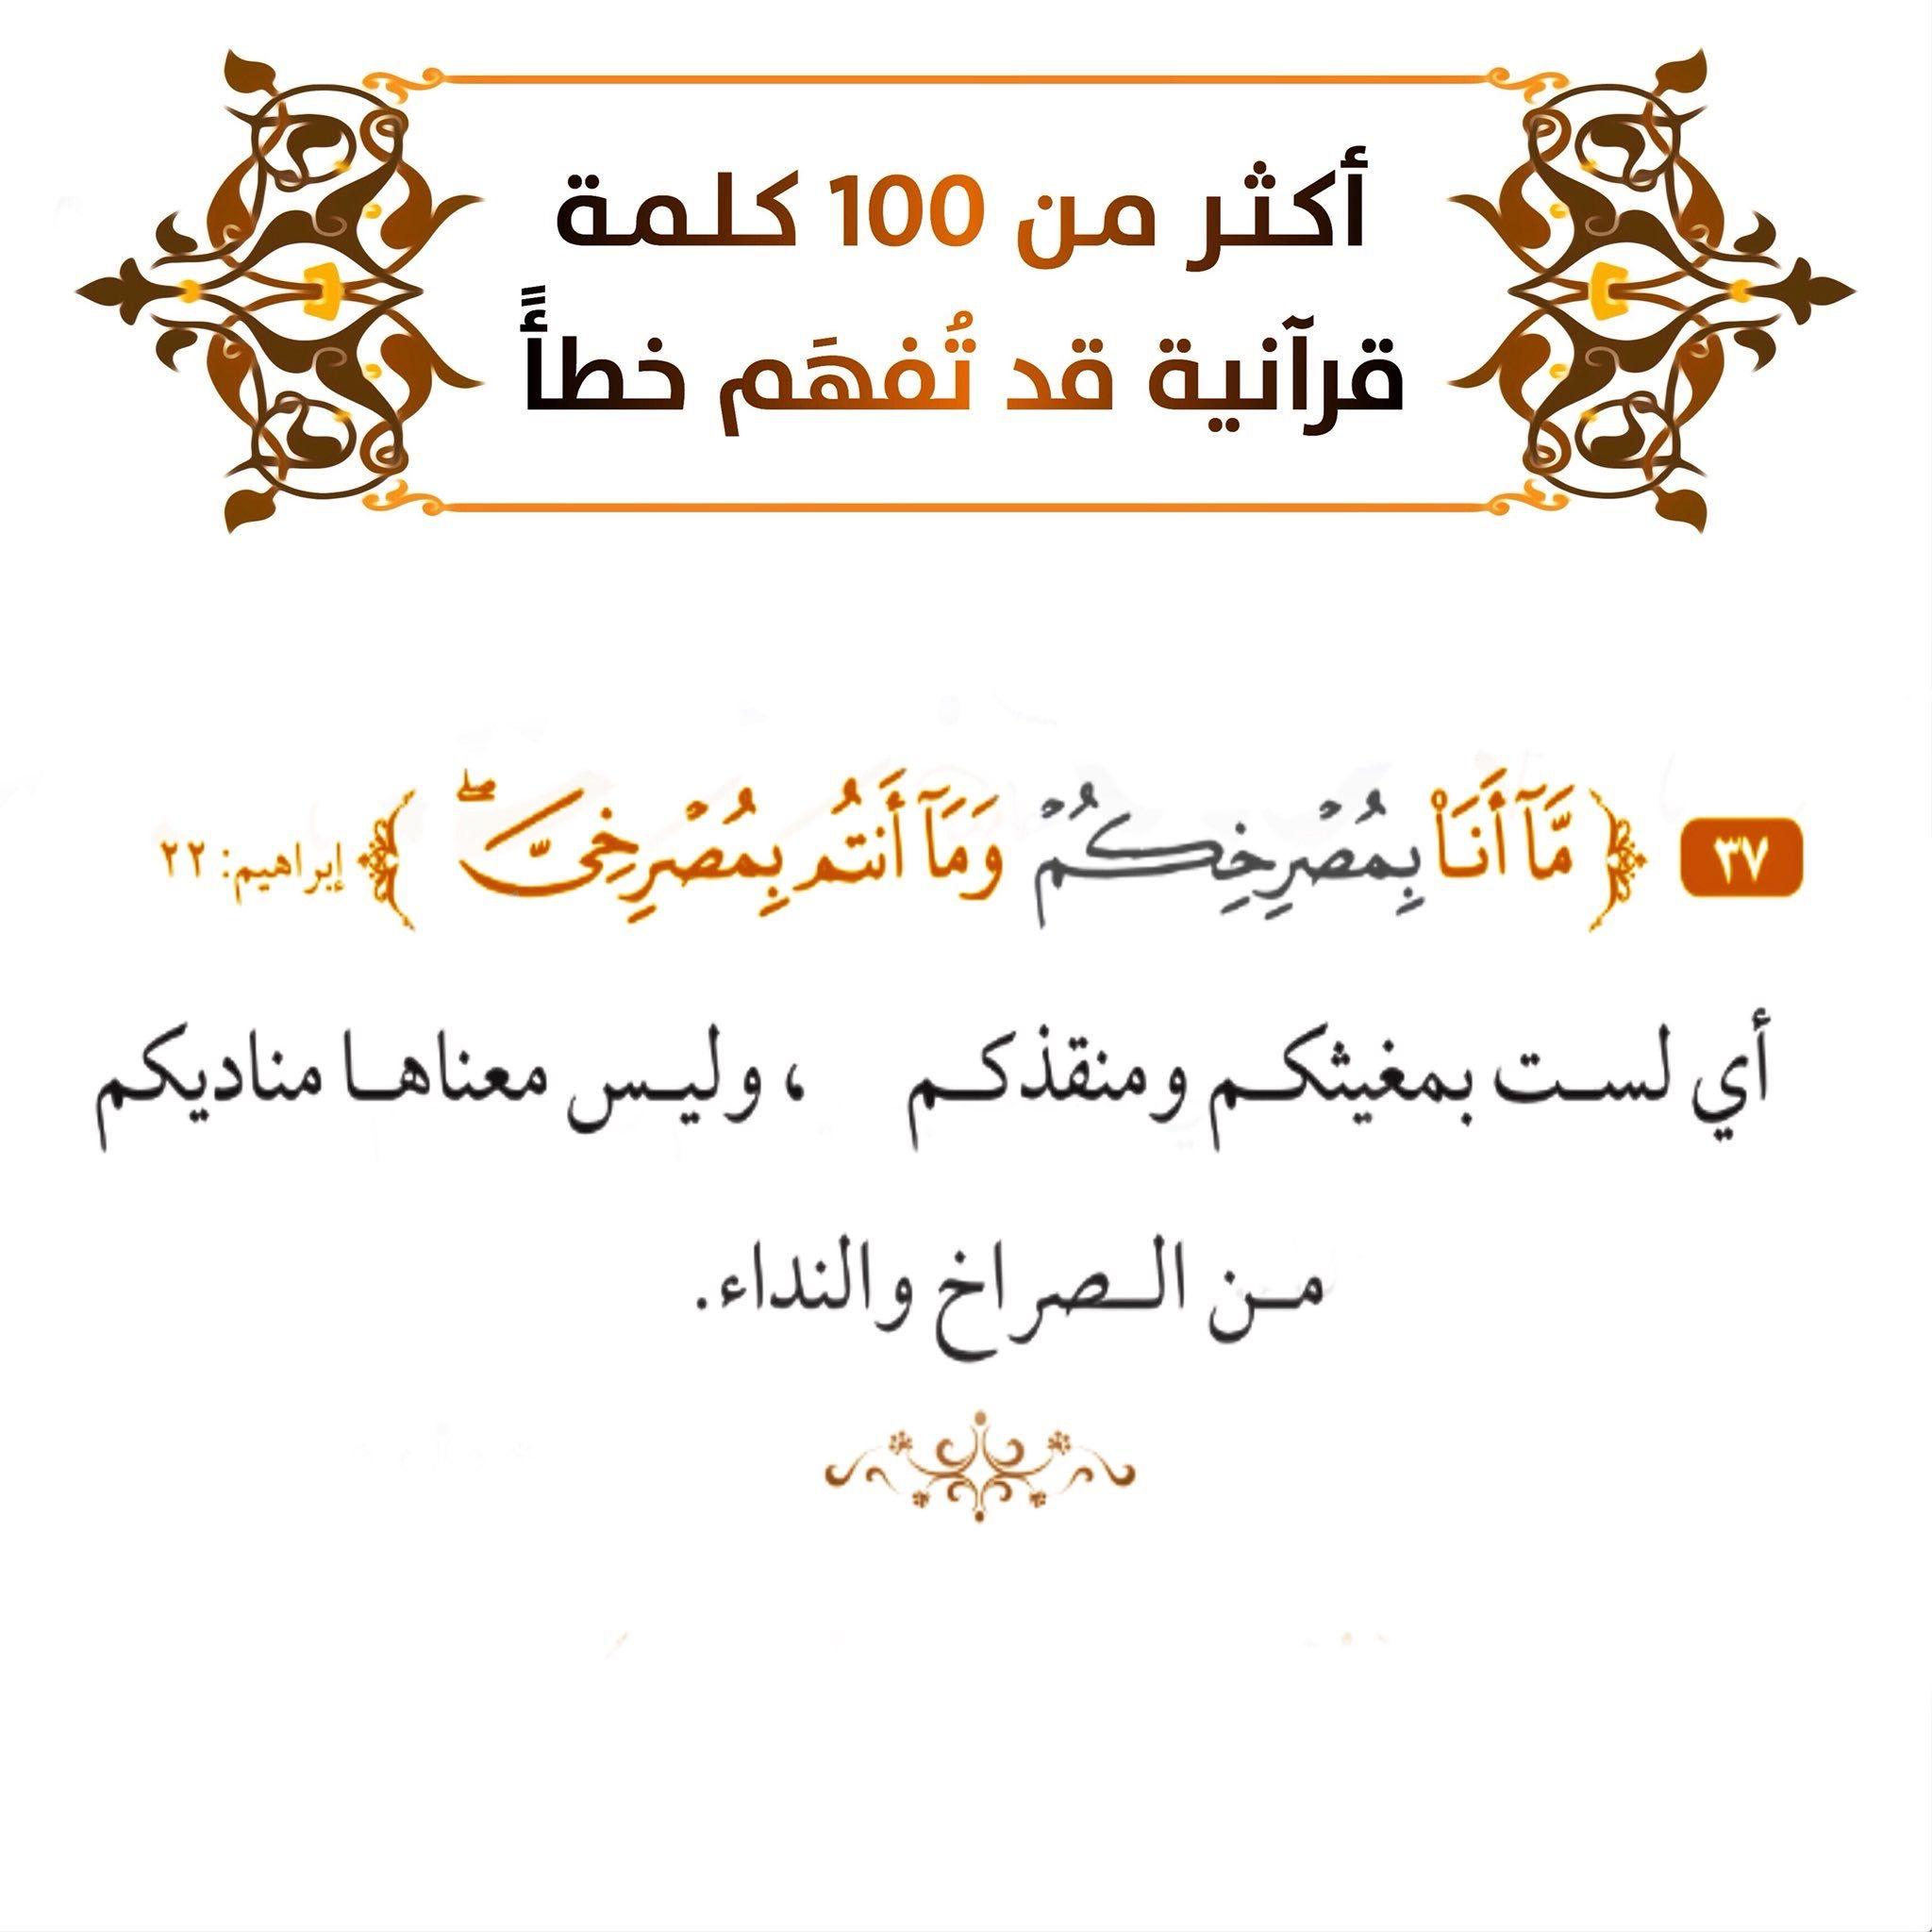 Pin By الأثر الجميل On أكثر من 100 كلمة قرآنية قد تفهم خطأ Wisdom Quotes Life Words Quotes Quran Verses